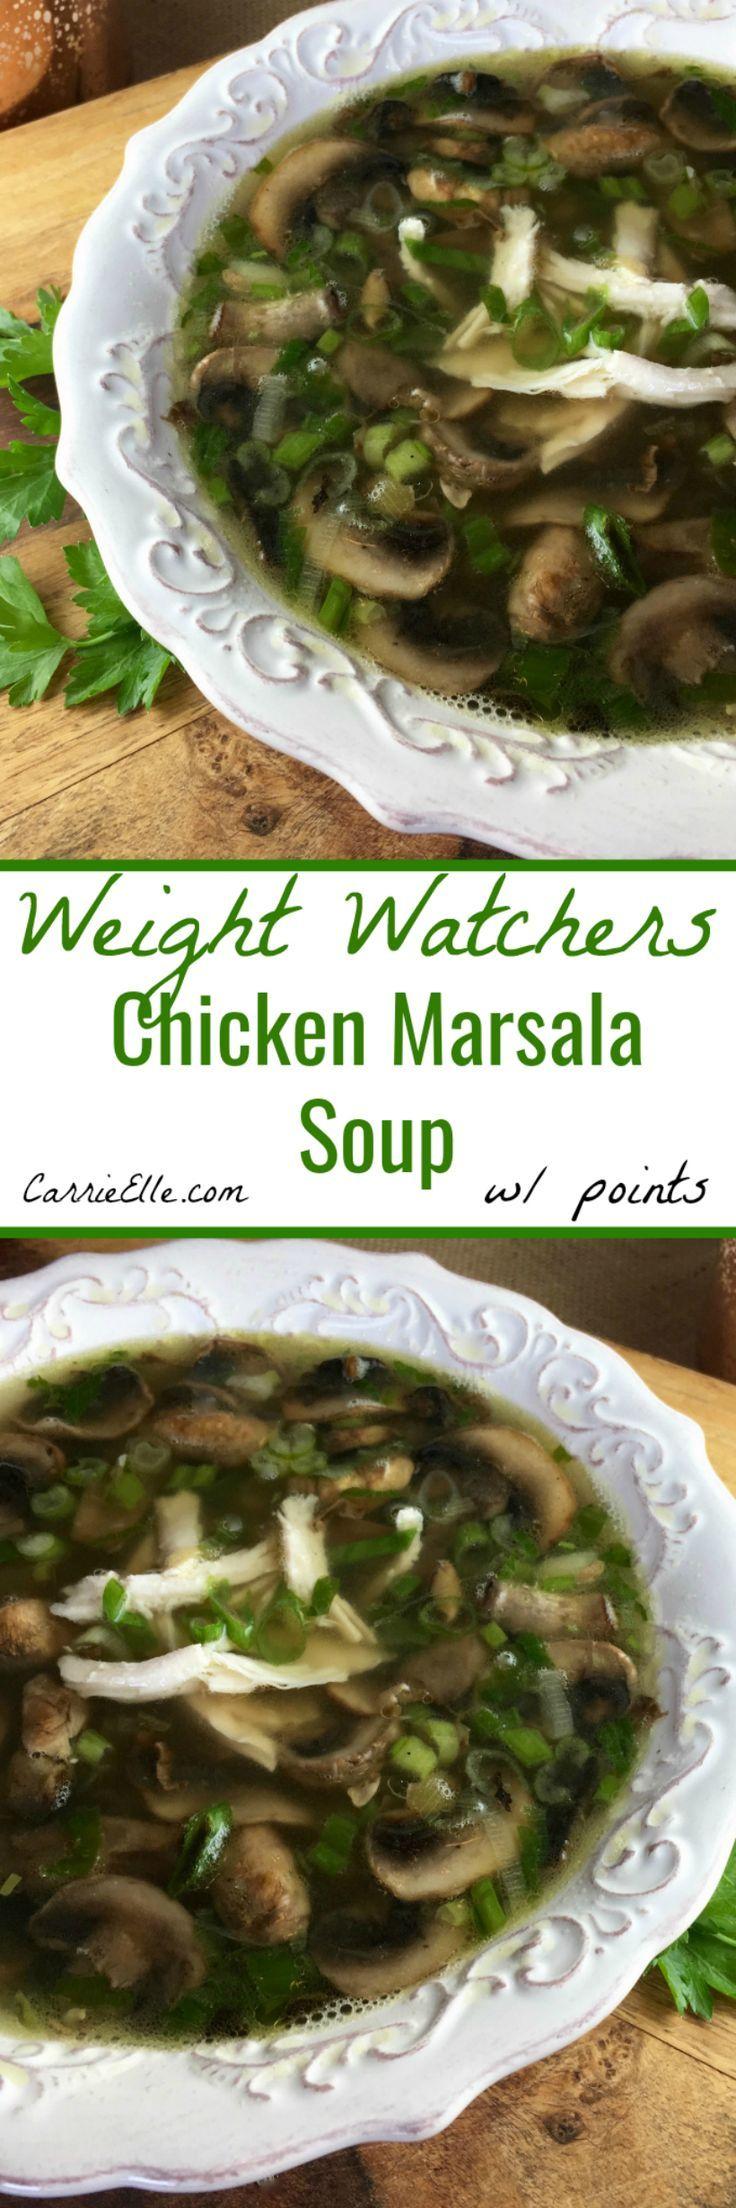 Weight Watchers Chicken Marsala Soup